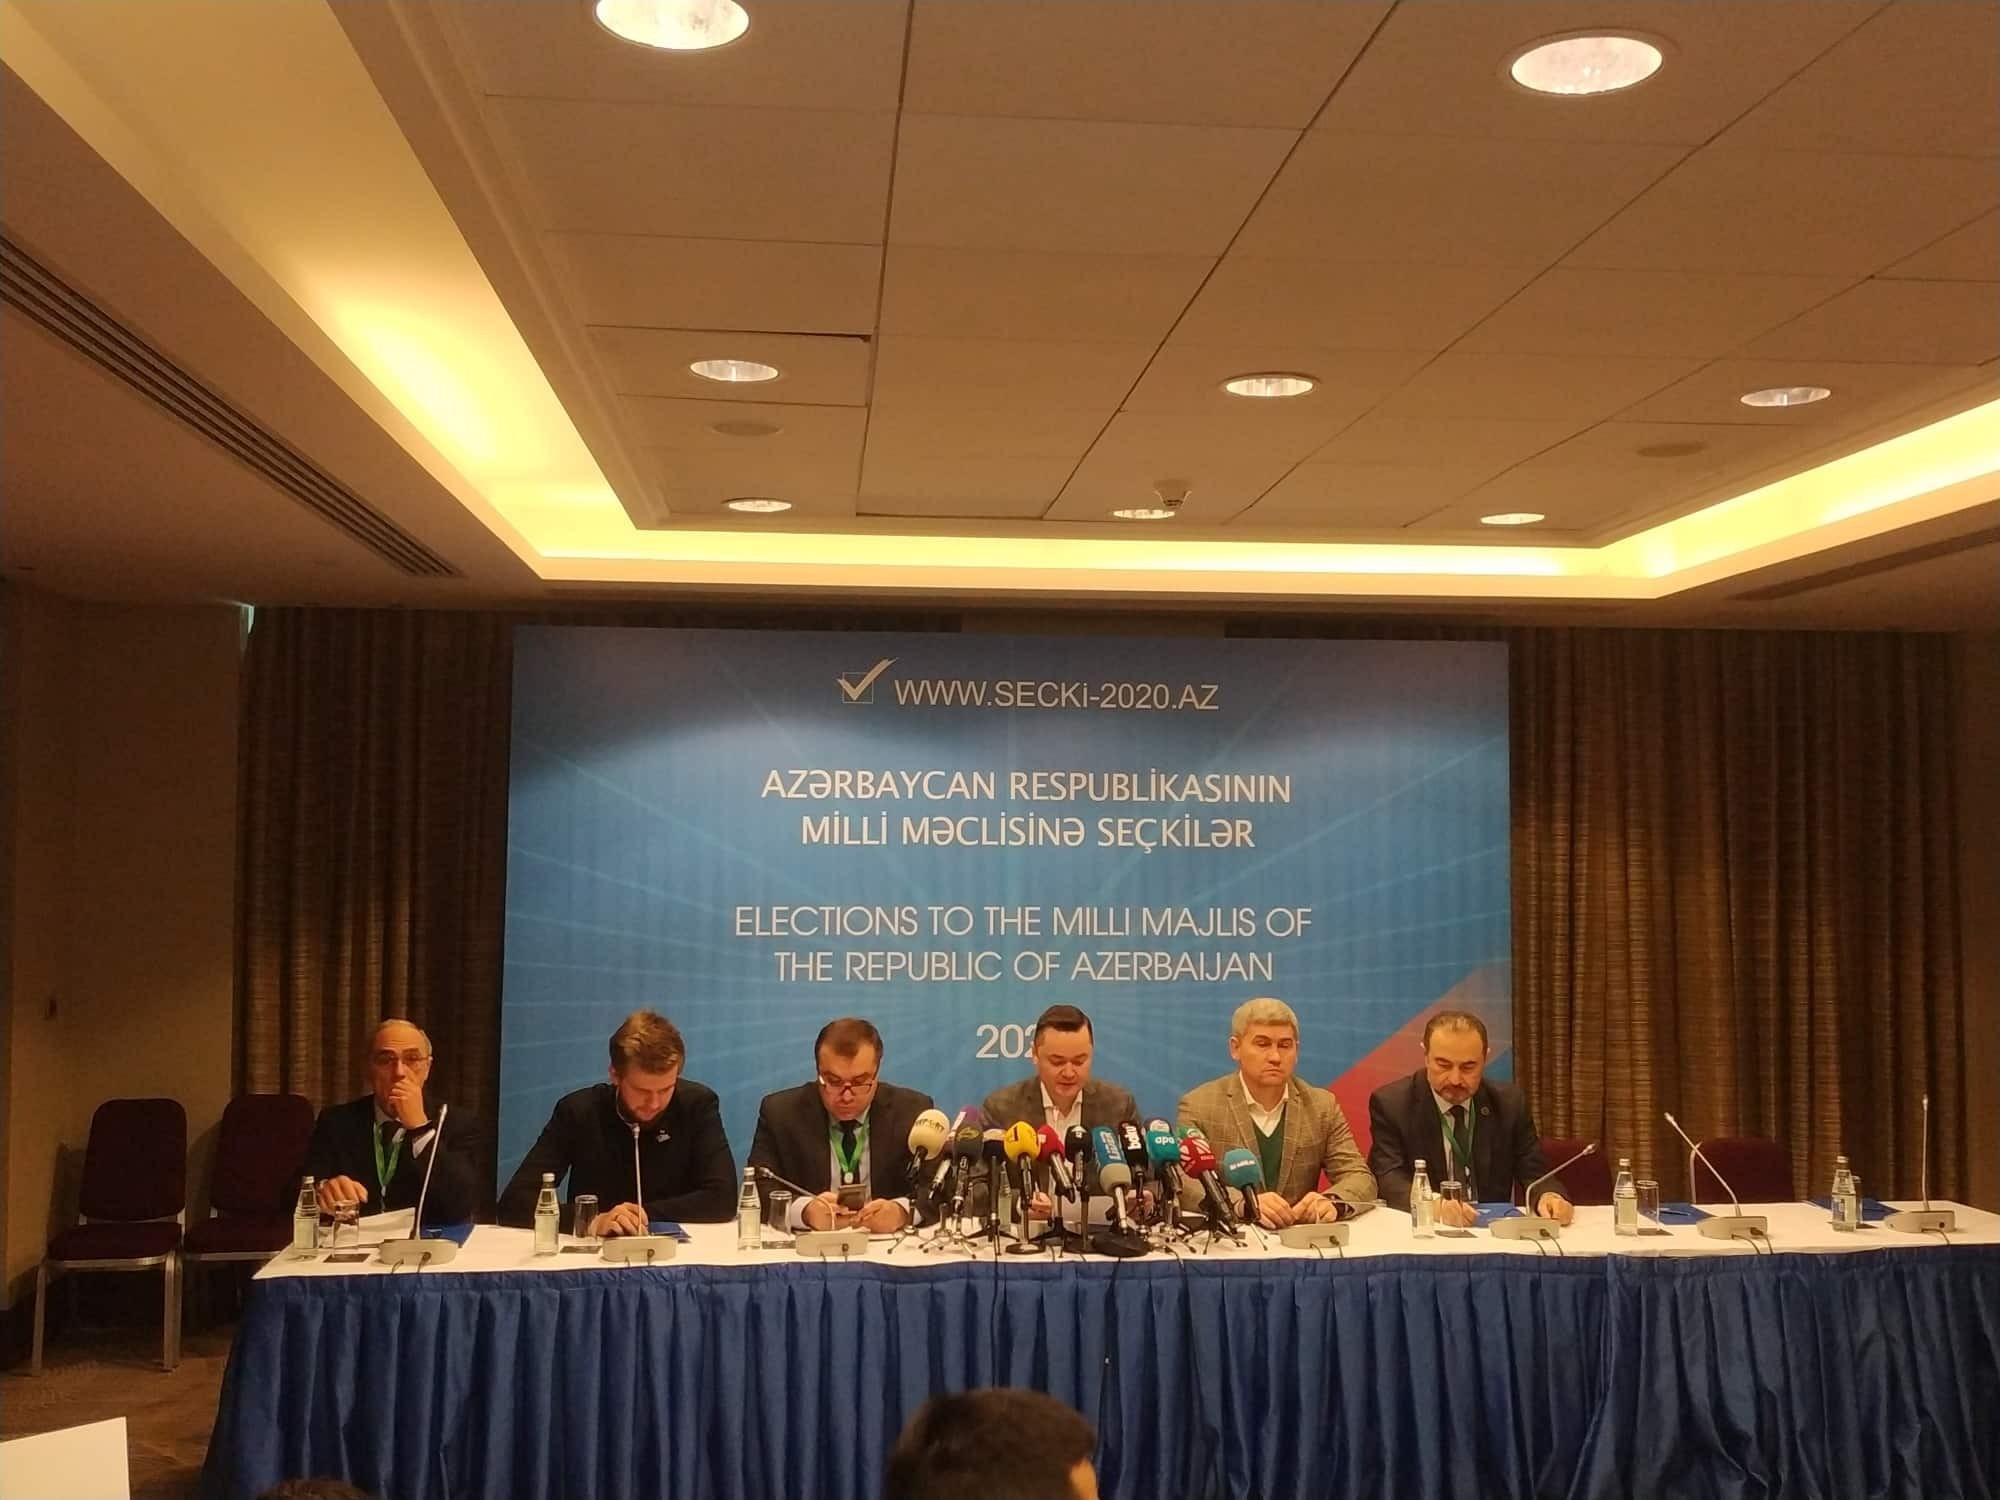 ПА ГУАМ: Выборы в Азербайджане - cвободные и справедливые